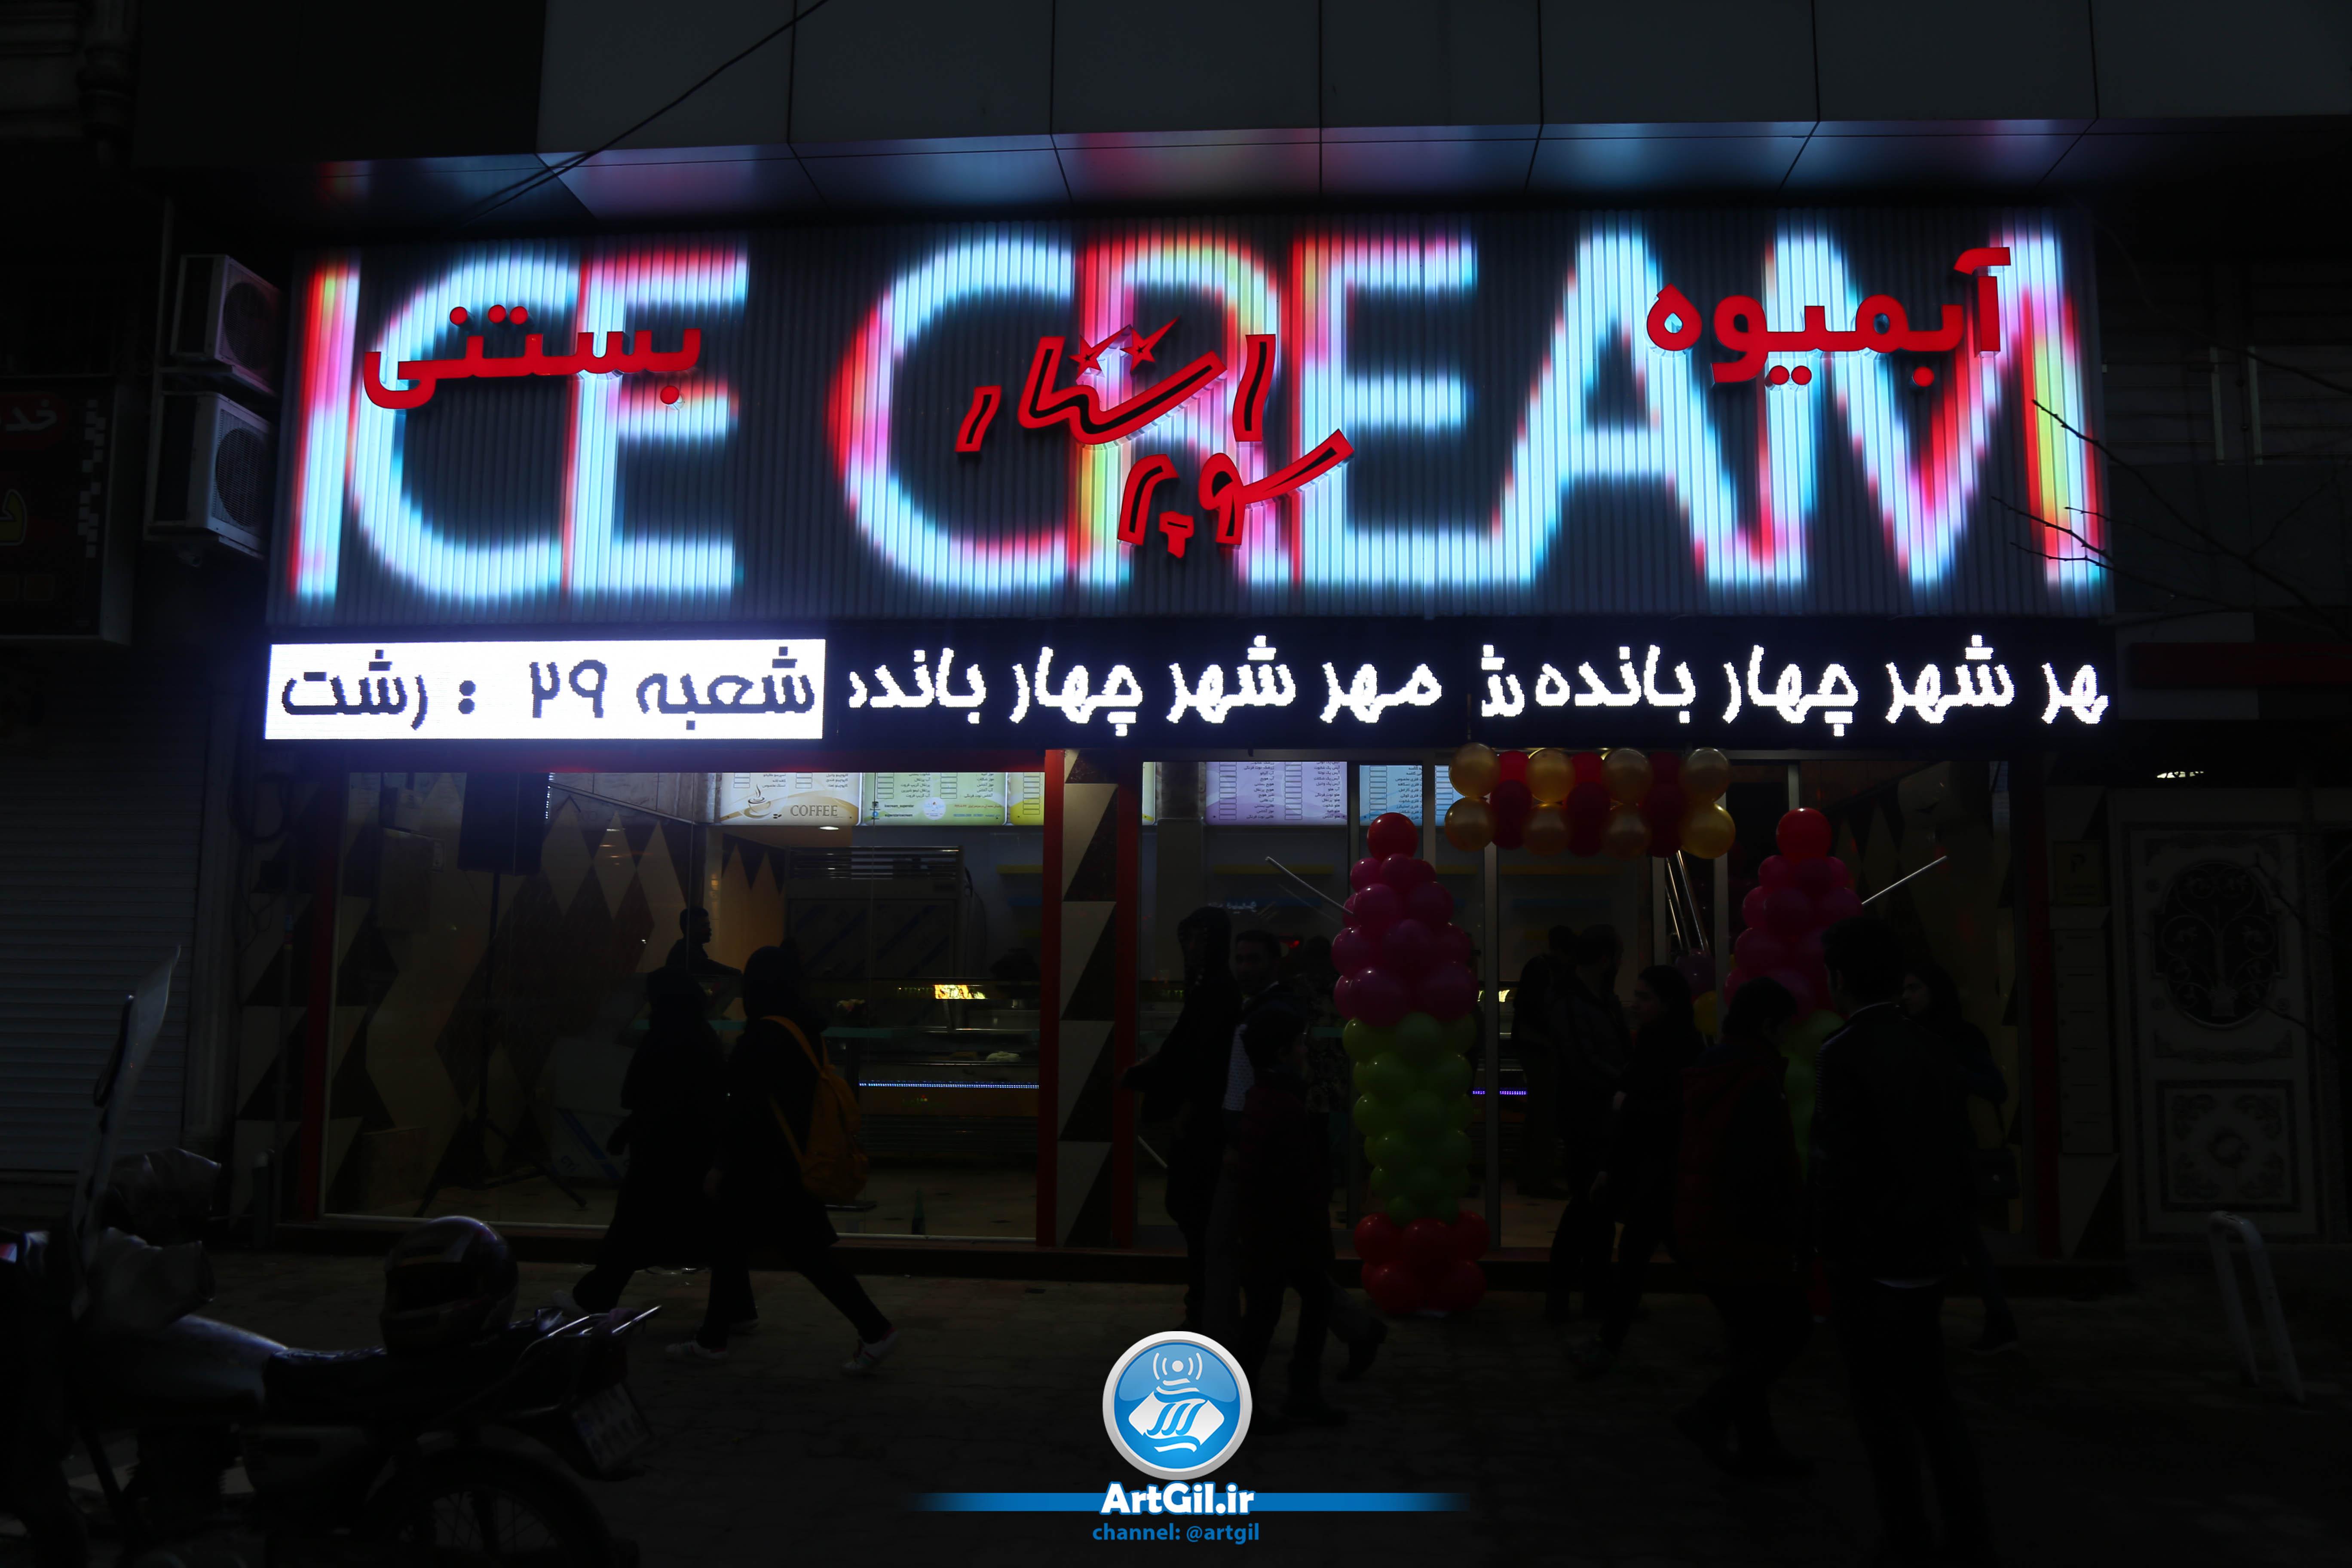 افتتاحیه آب میوه و بستنی سوپر استار با حضور مرجانه گلچین